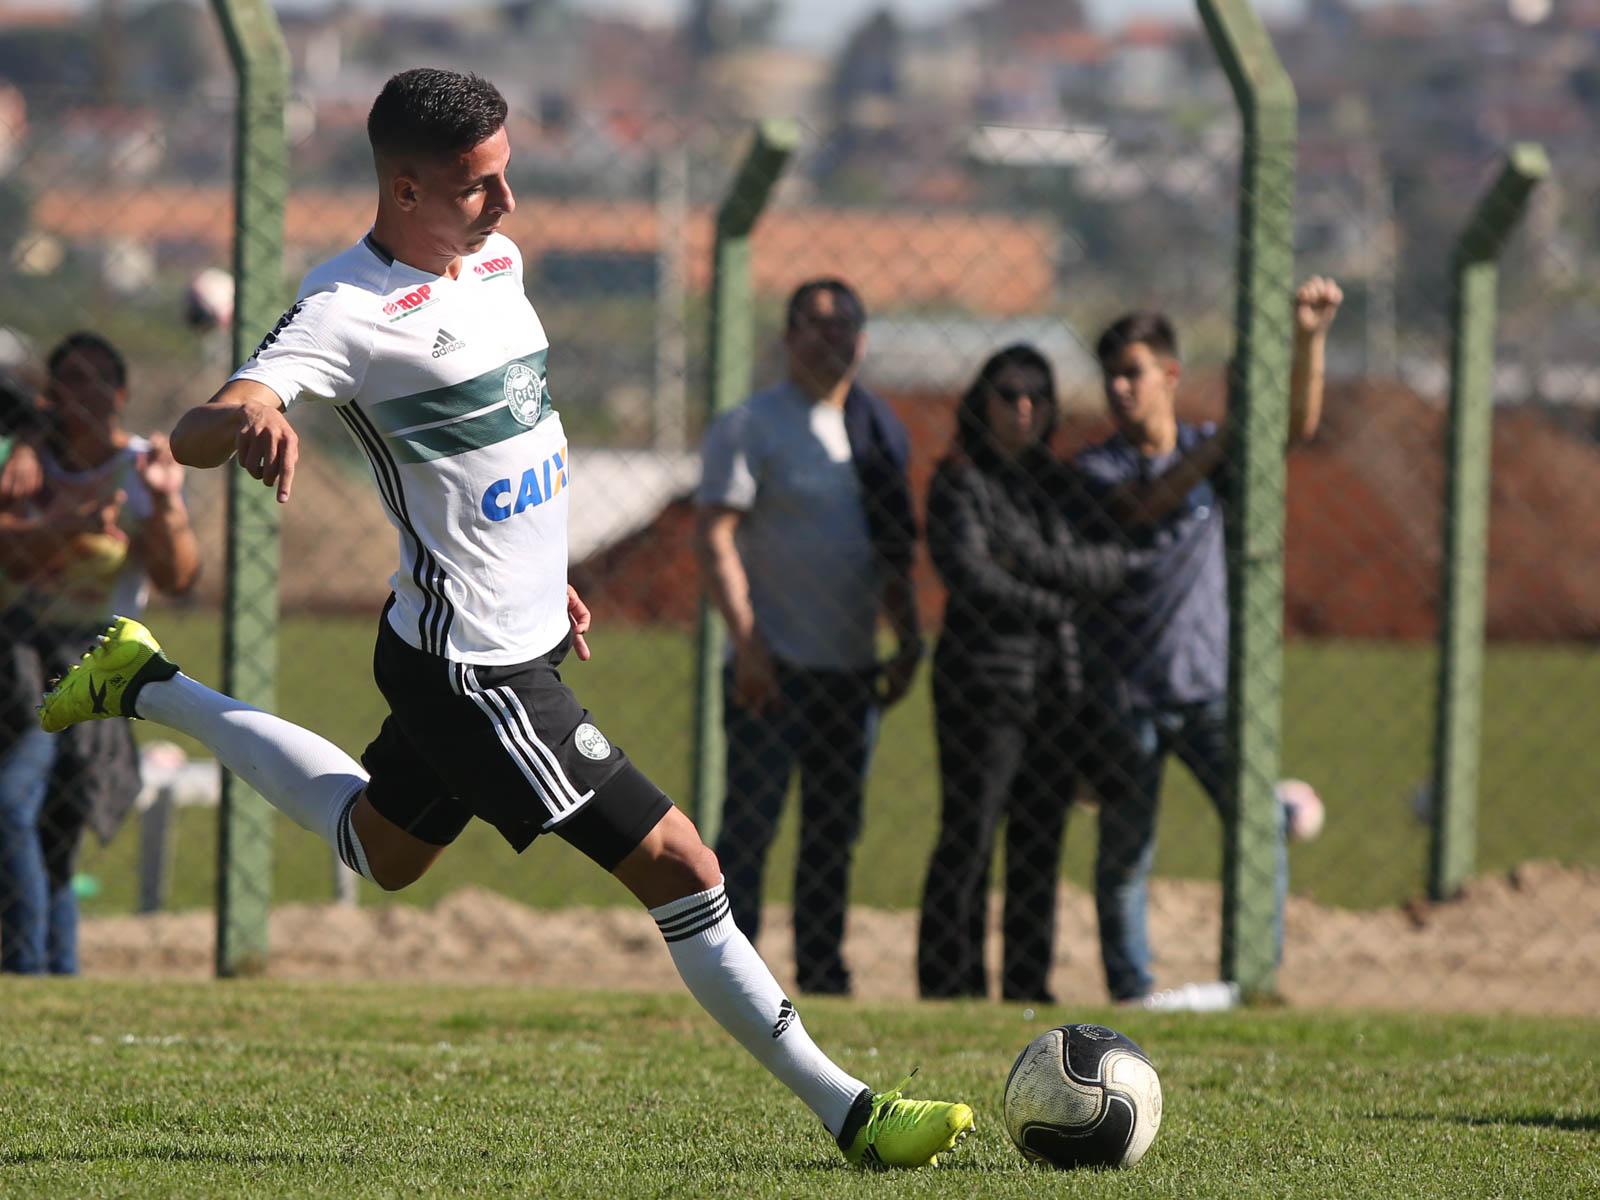 Capitão em triunfo do Coritiba, lateral Angelo Chaves celebra classificação no Campeonato Paranaense sub-17